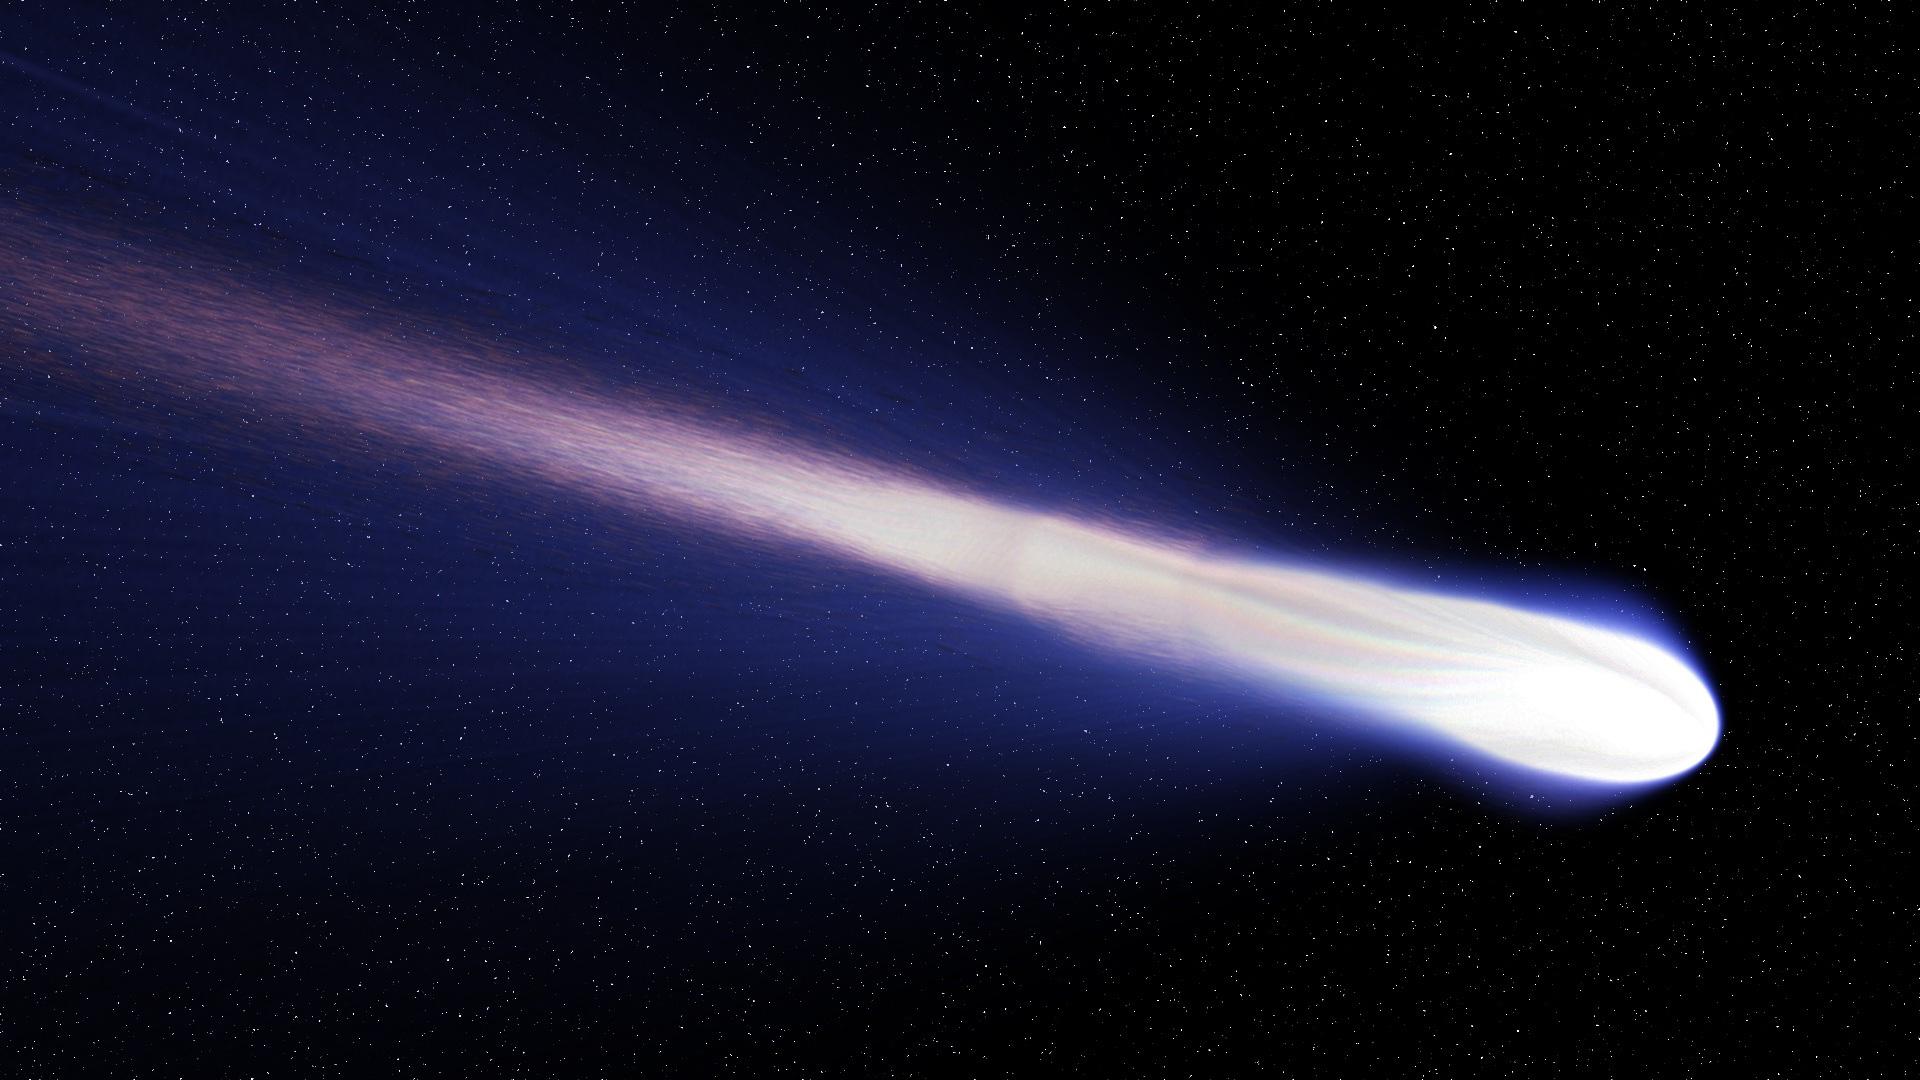 Una stella cometa che procede verso il futuro.